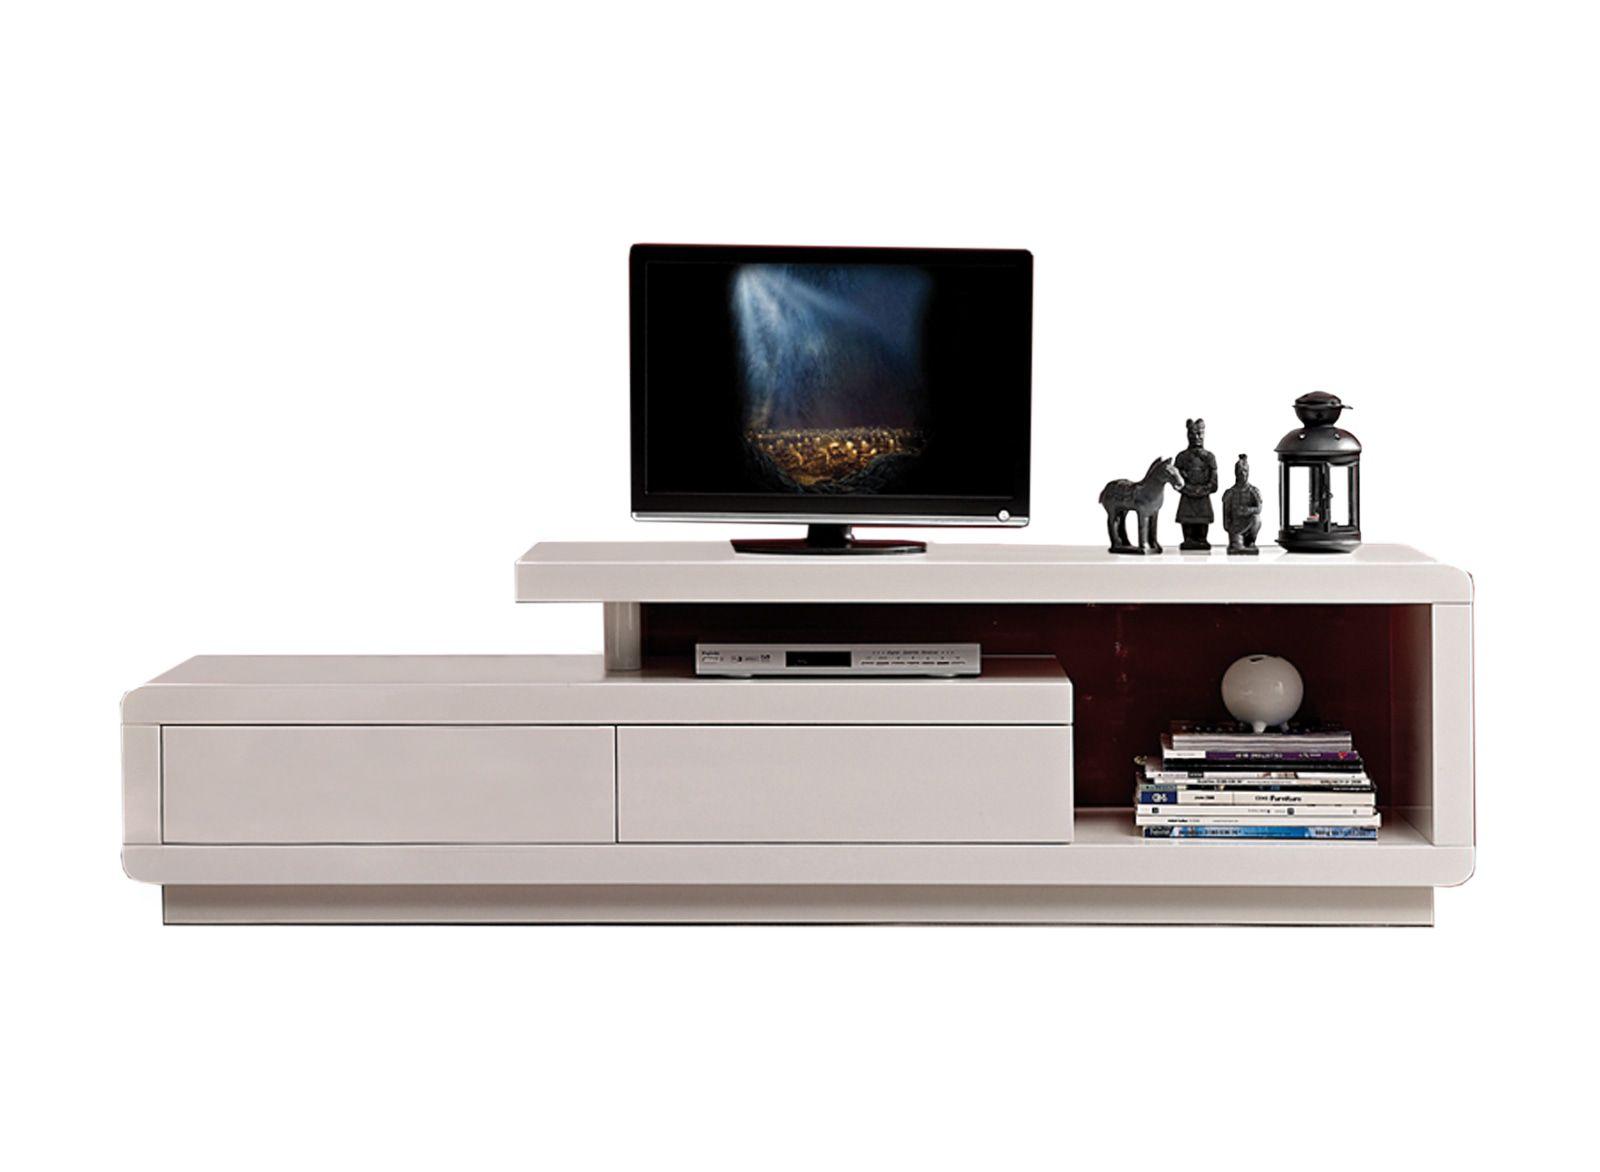 #30486323516388 Monaica Crystal TV Meubel Hoogglans Wit € 279.65 Bij Trendymeubels betrouwbaar Design Hoogglans Tv Meubel 1157 afbeelding opslaan 160011721157 Idee